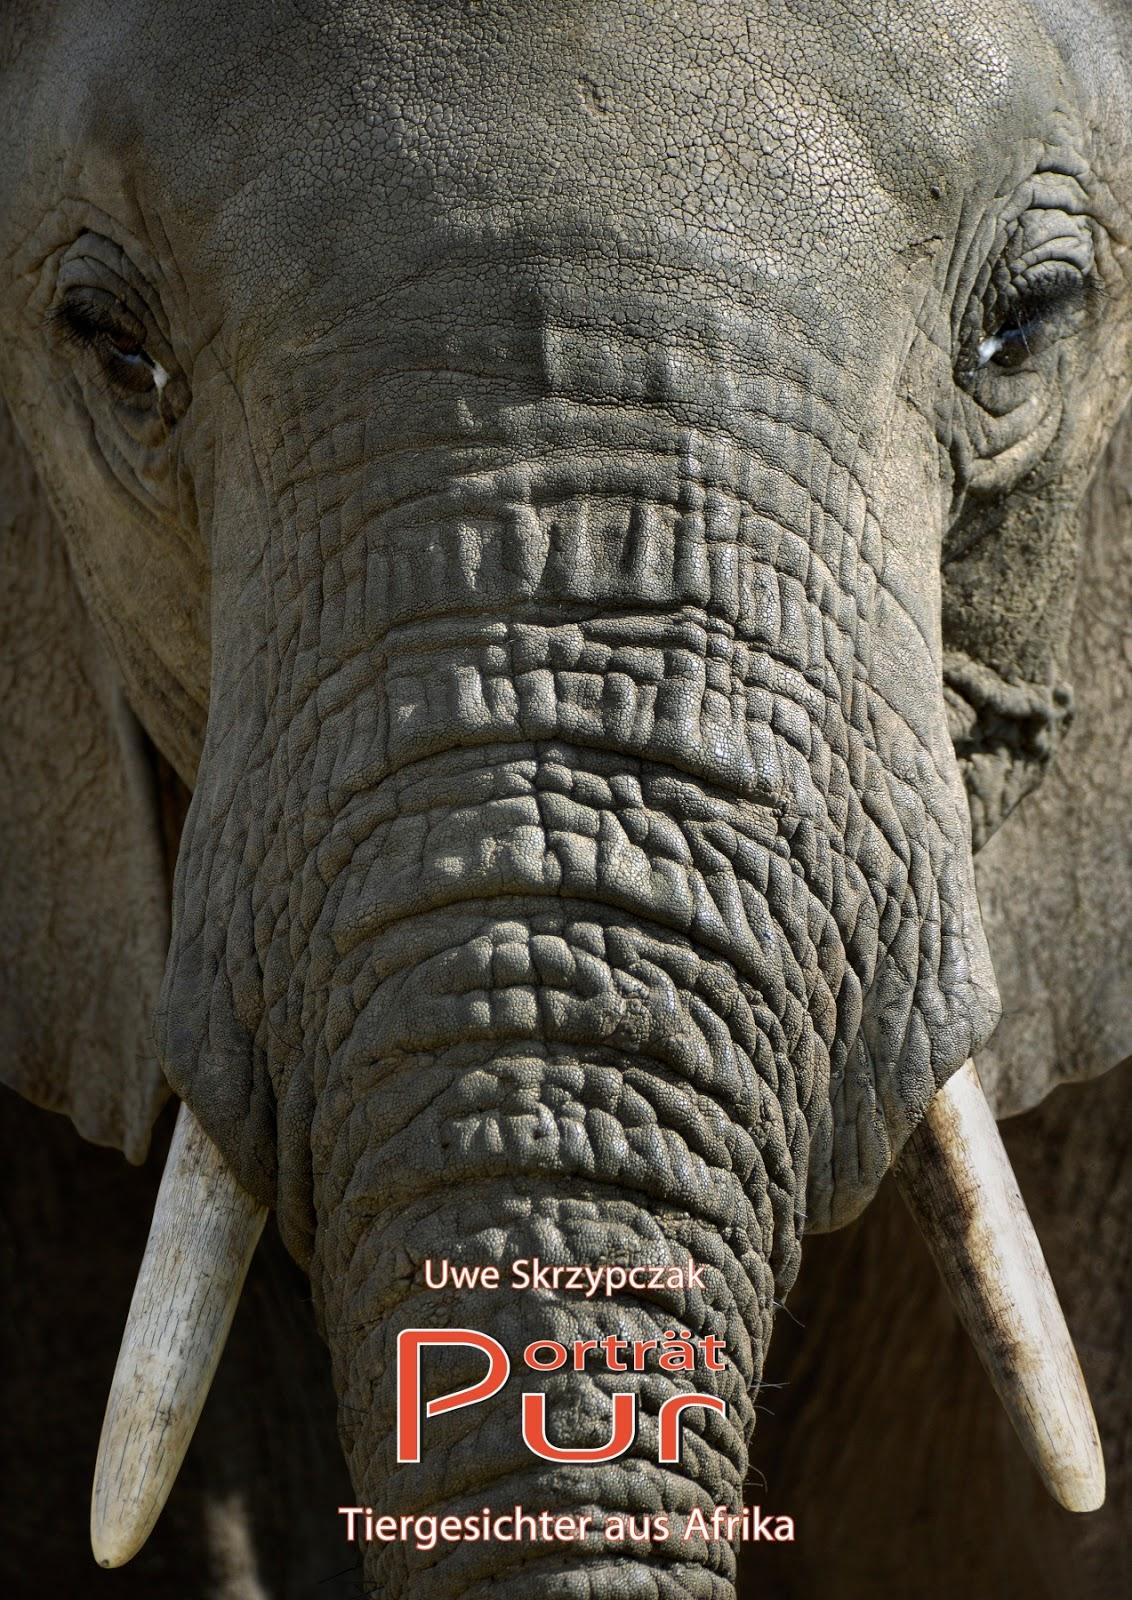 PORTRÄT PUR - Tiergesichter aus Afrika. Kalender von Uwe Skrzypczak